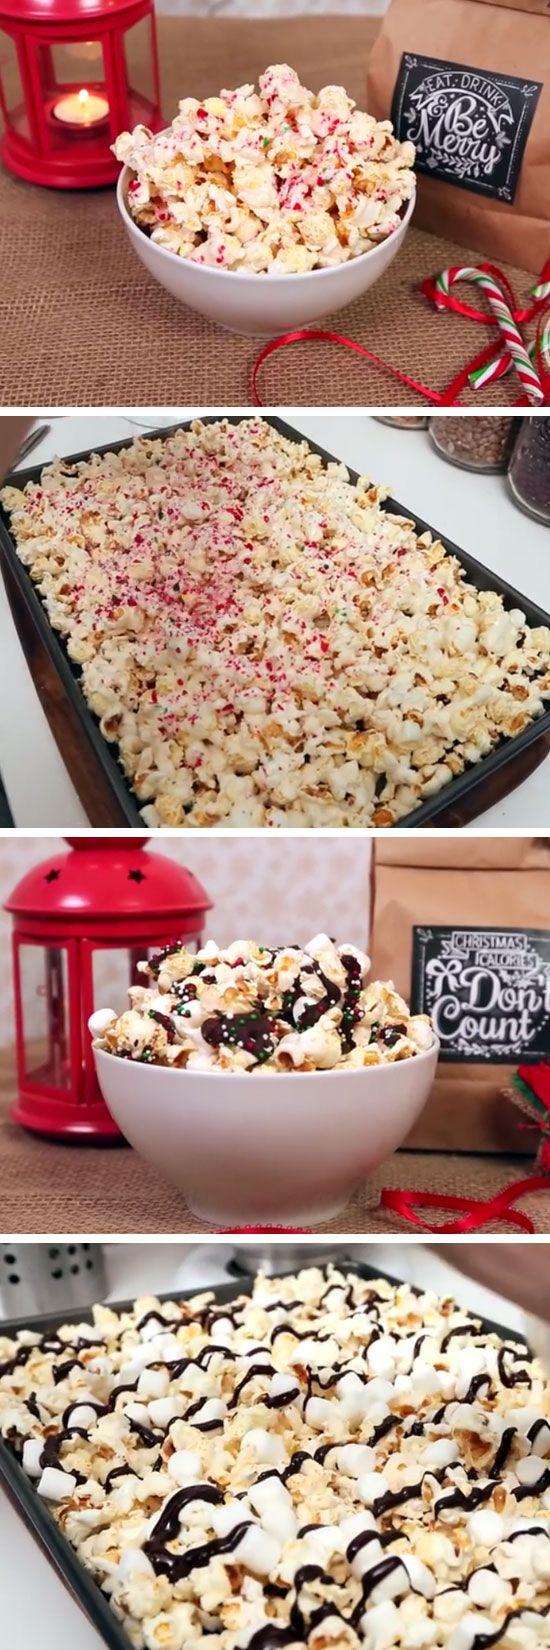 Treats To Make For Christmas Gifts. Christmas Neighbor Gift Ideas ...